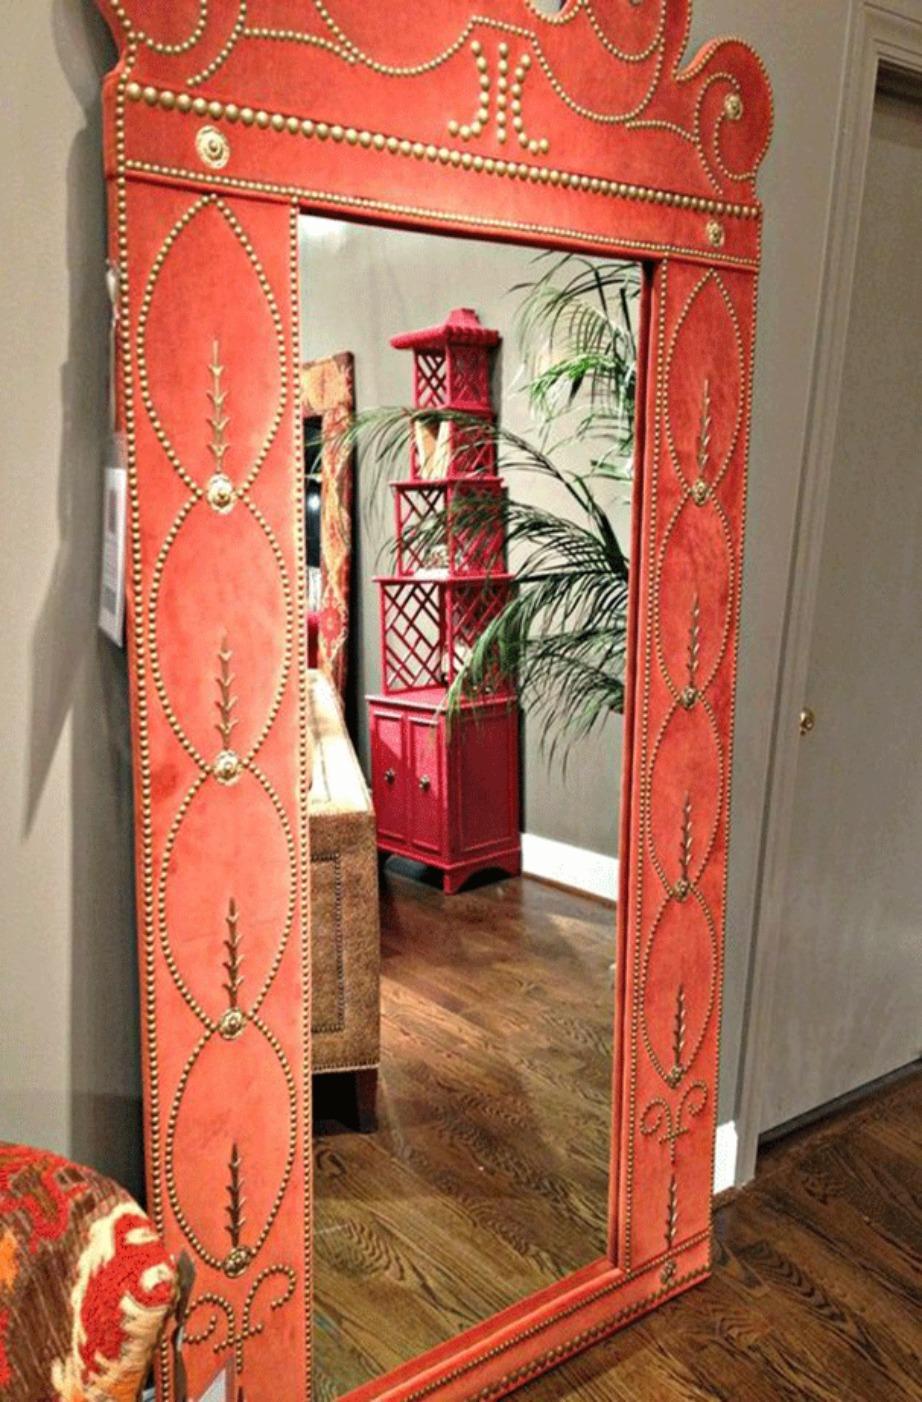 Δώστε μεγαλύτερο βάθος χρησιμοποιώντας καθρέφτες και περισσότερη ένταση βάση χρώματος.